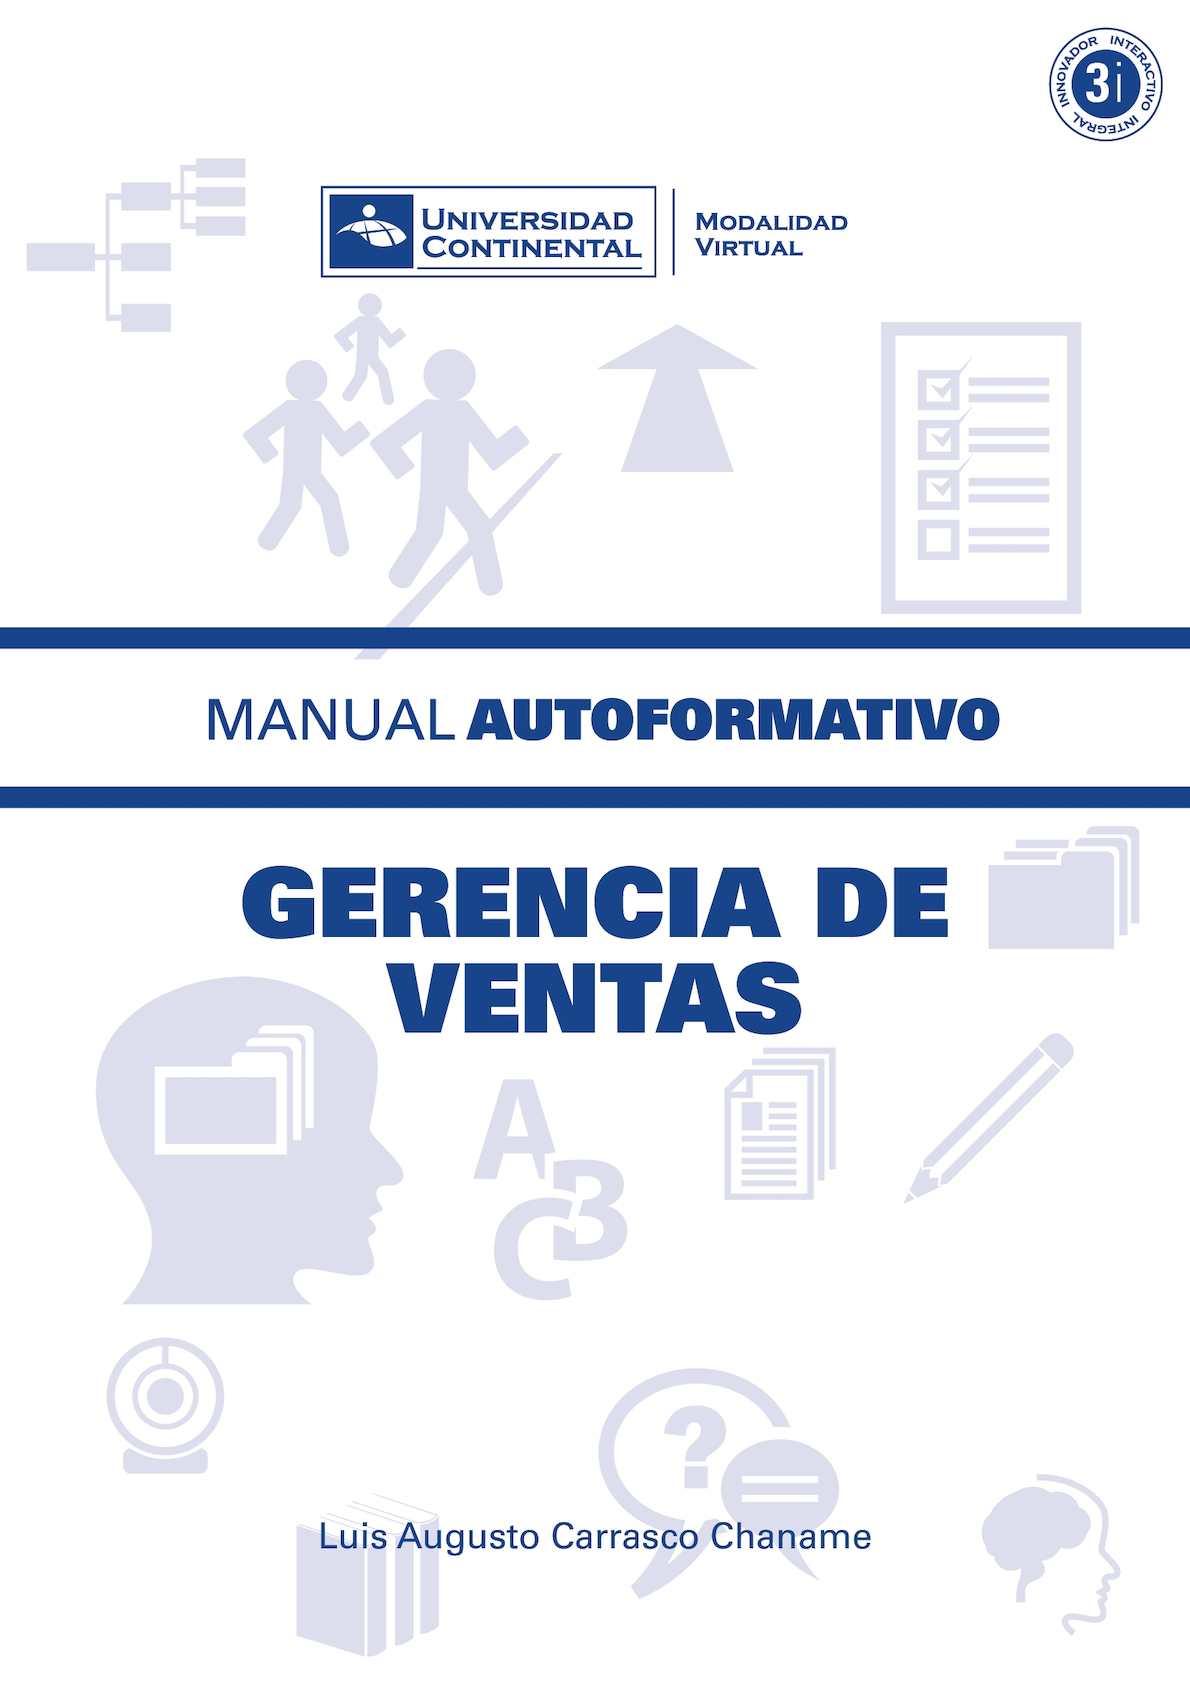 A0209 MA Gerencia De Ventas ED V1 2015